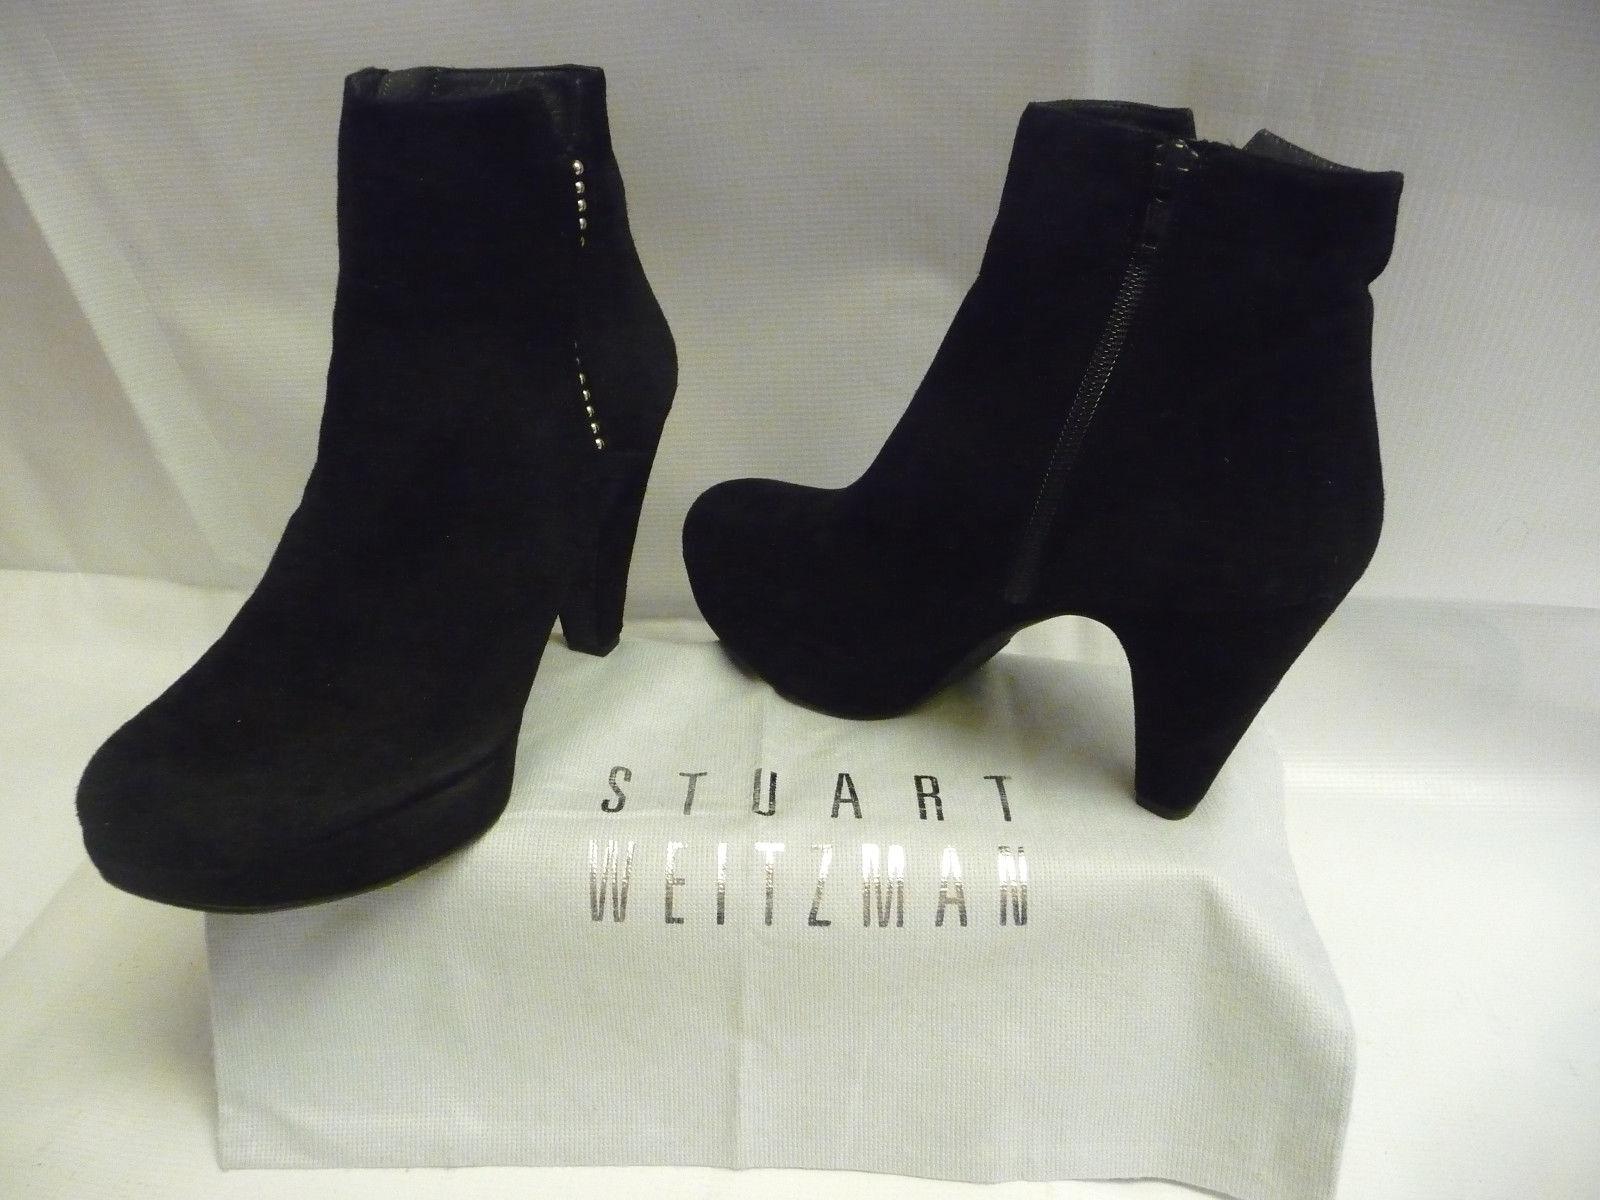 Stuart Weitzman Mujer 7.5 M botas al Tobillo Tobillo Tobillo Gamuza Negra Plataforma Tacones Cremallera España  estar en gran demanda